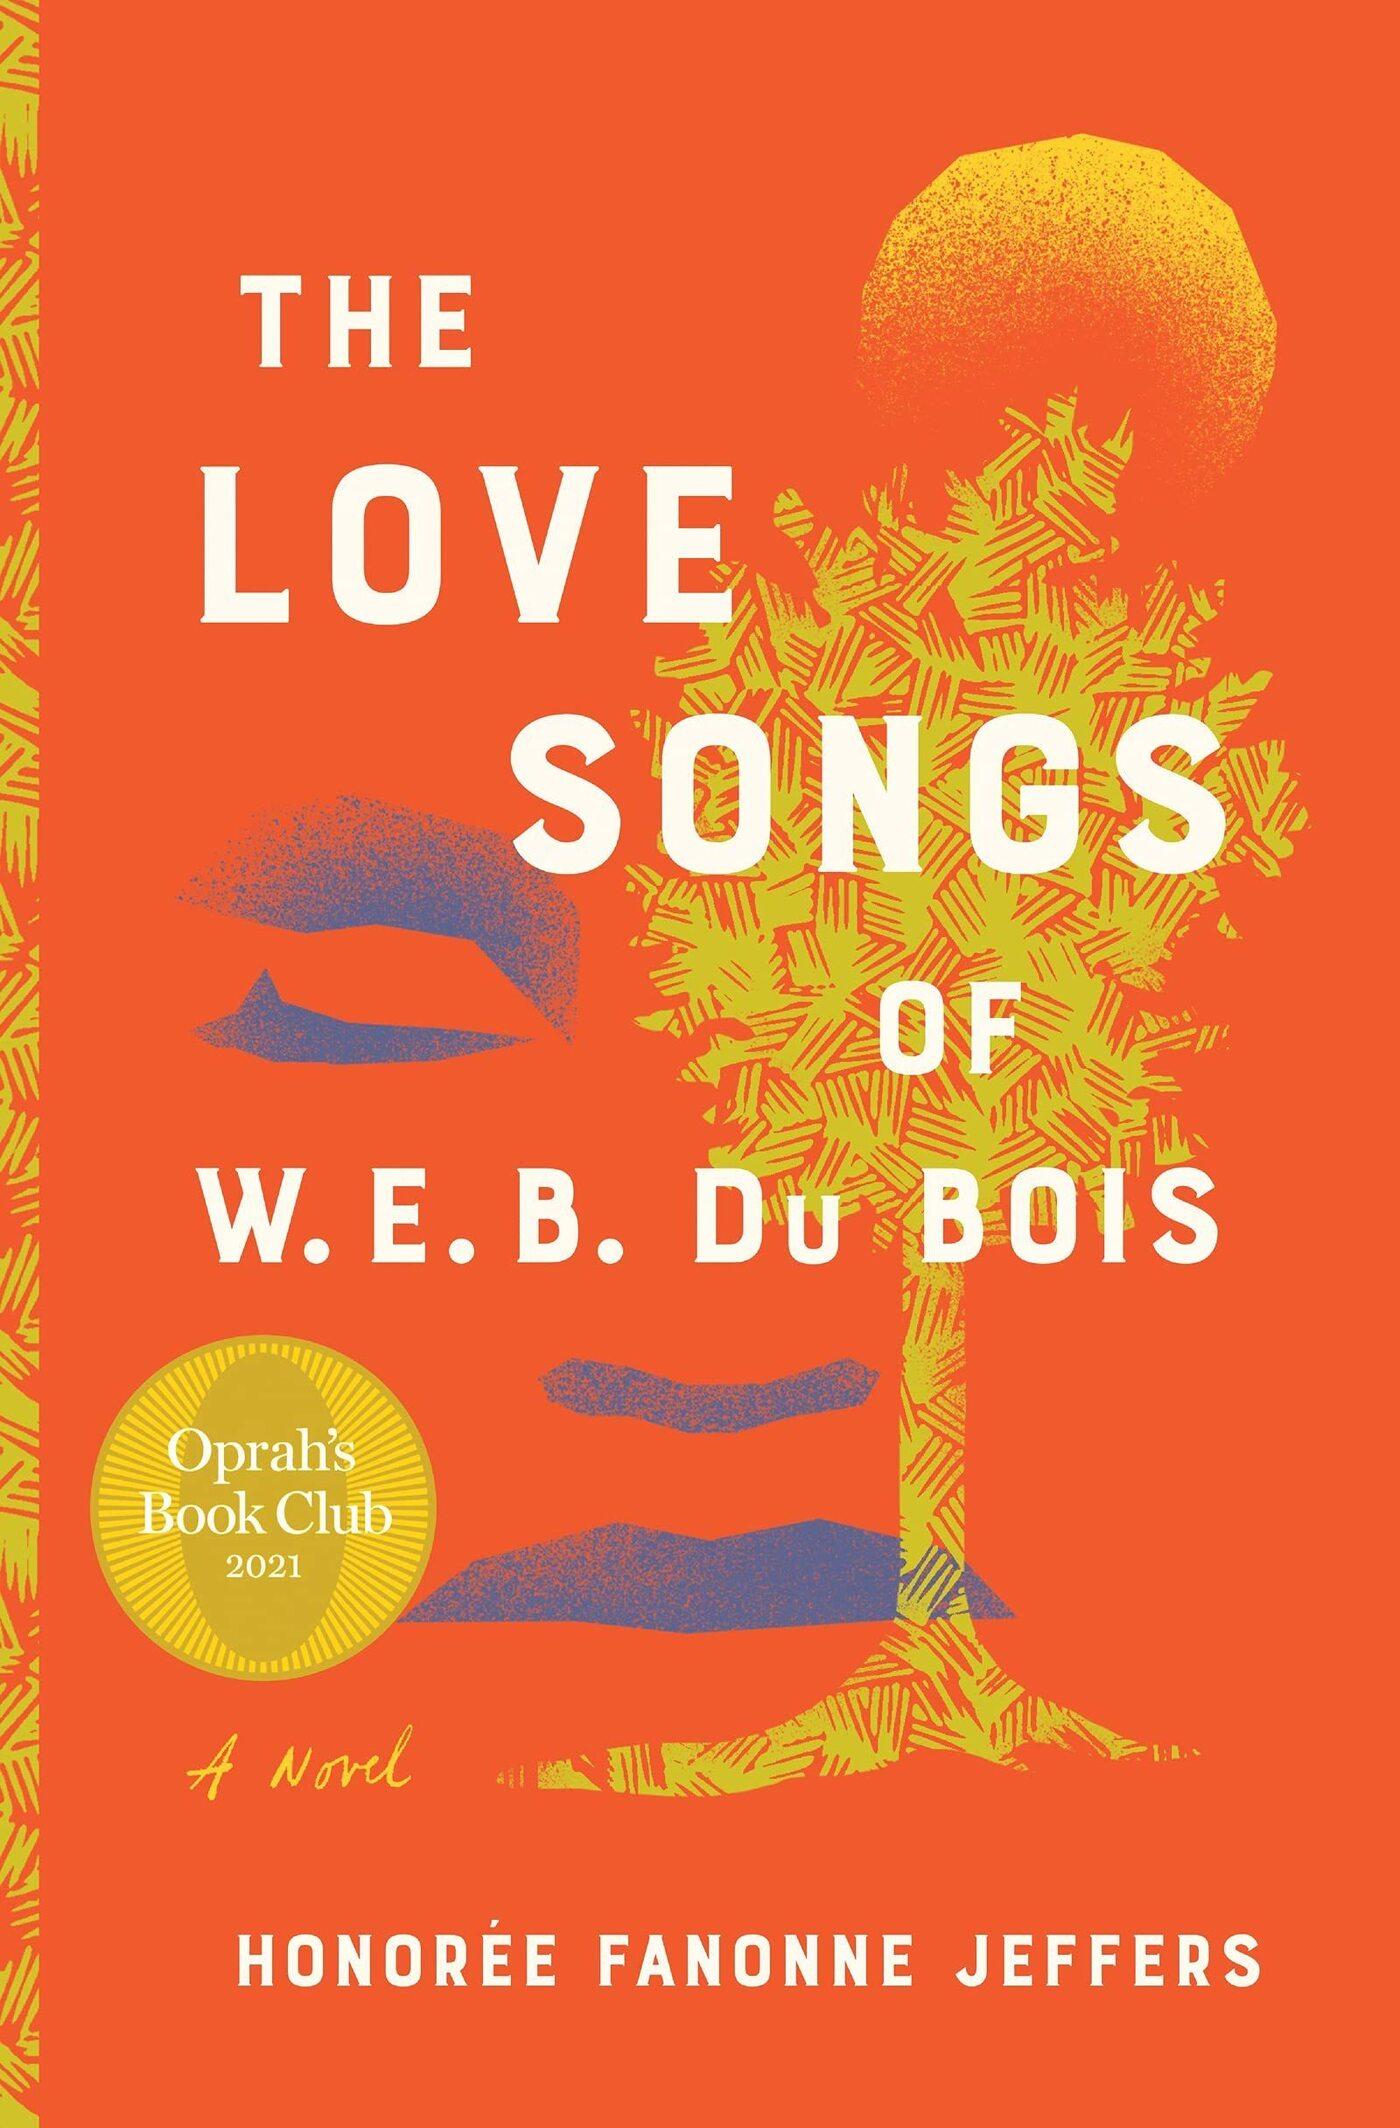 The Love Songs of W.E.B. DuBois, by Honorée Fanonne Jeffers